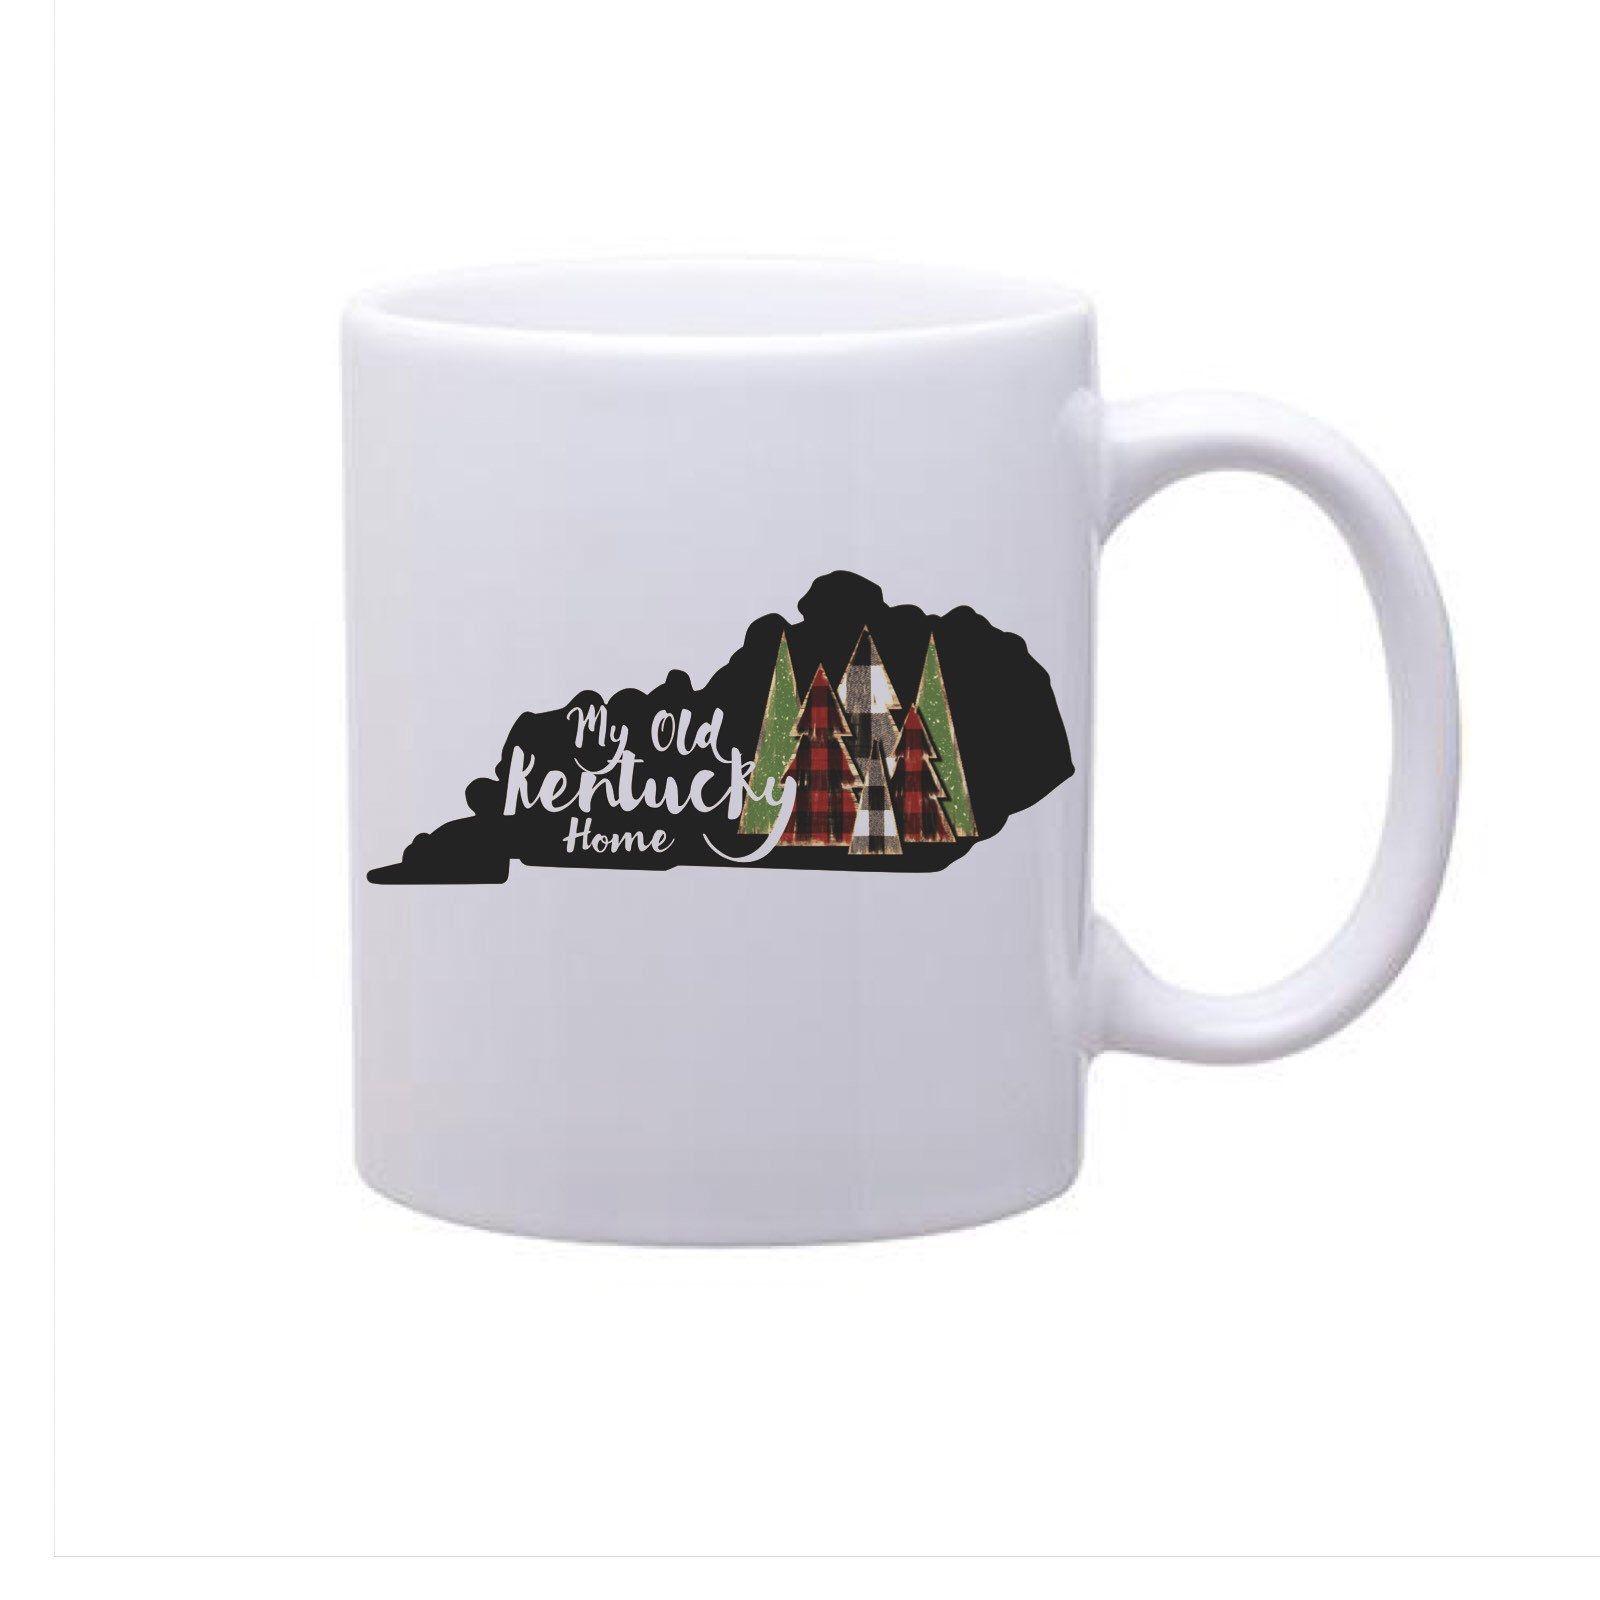 My Old Kentucky Home Christmas Mug Christmas Mugs Mugs Custom Printed Mugs